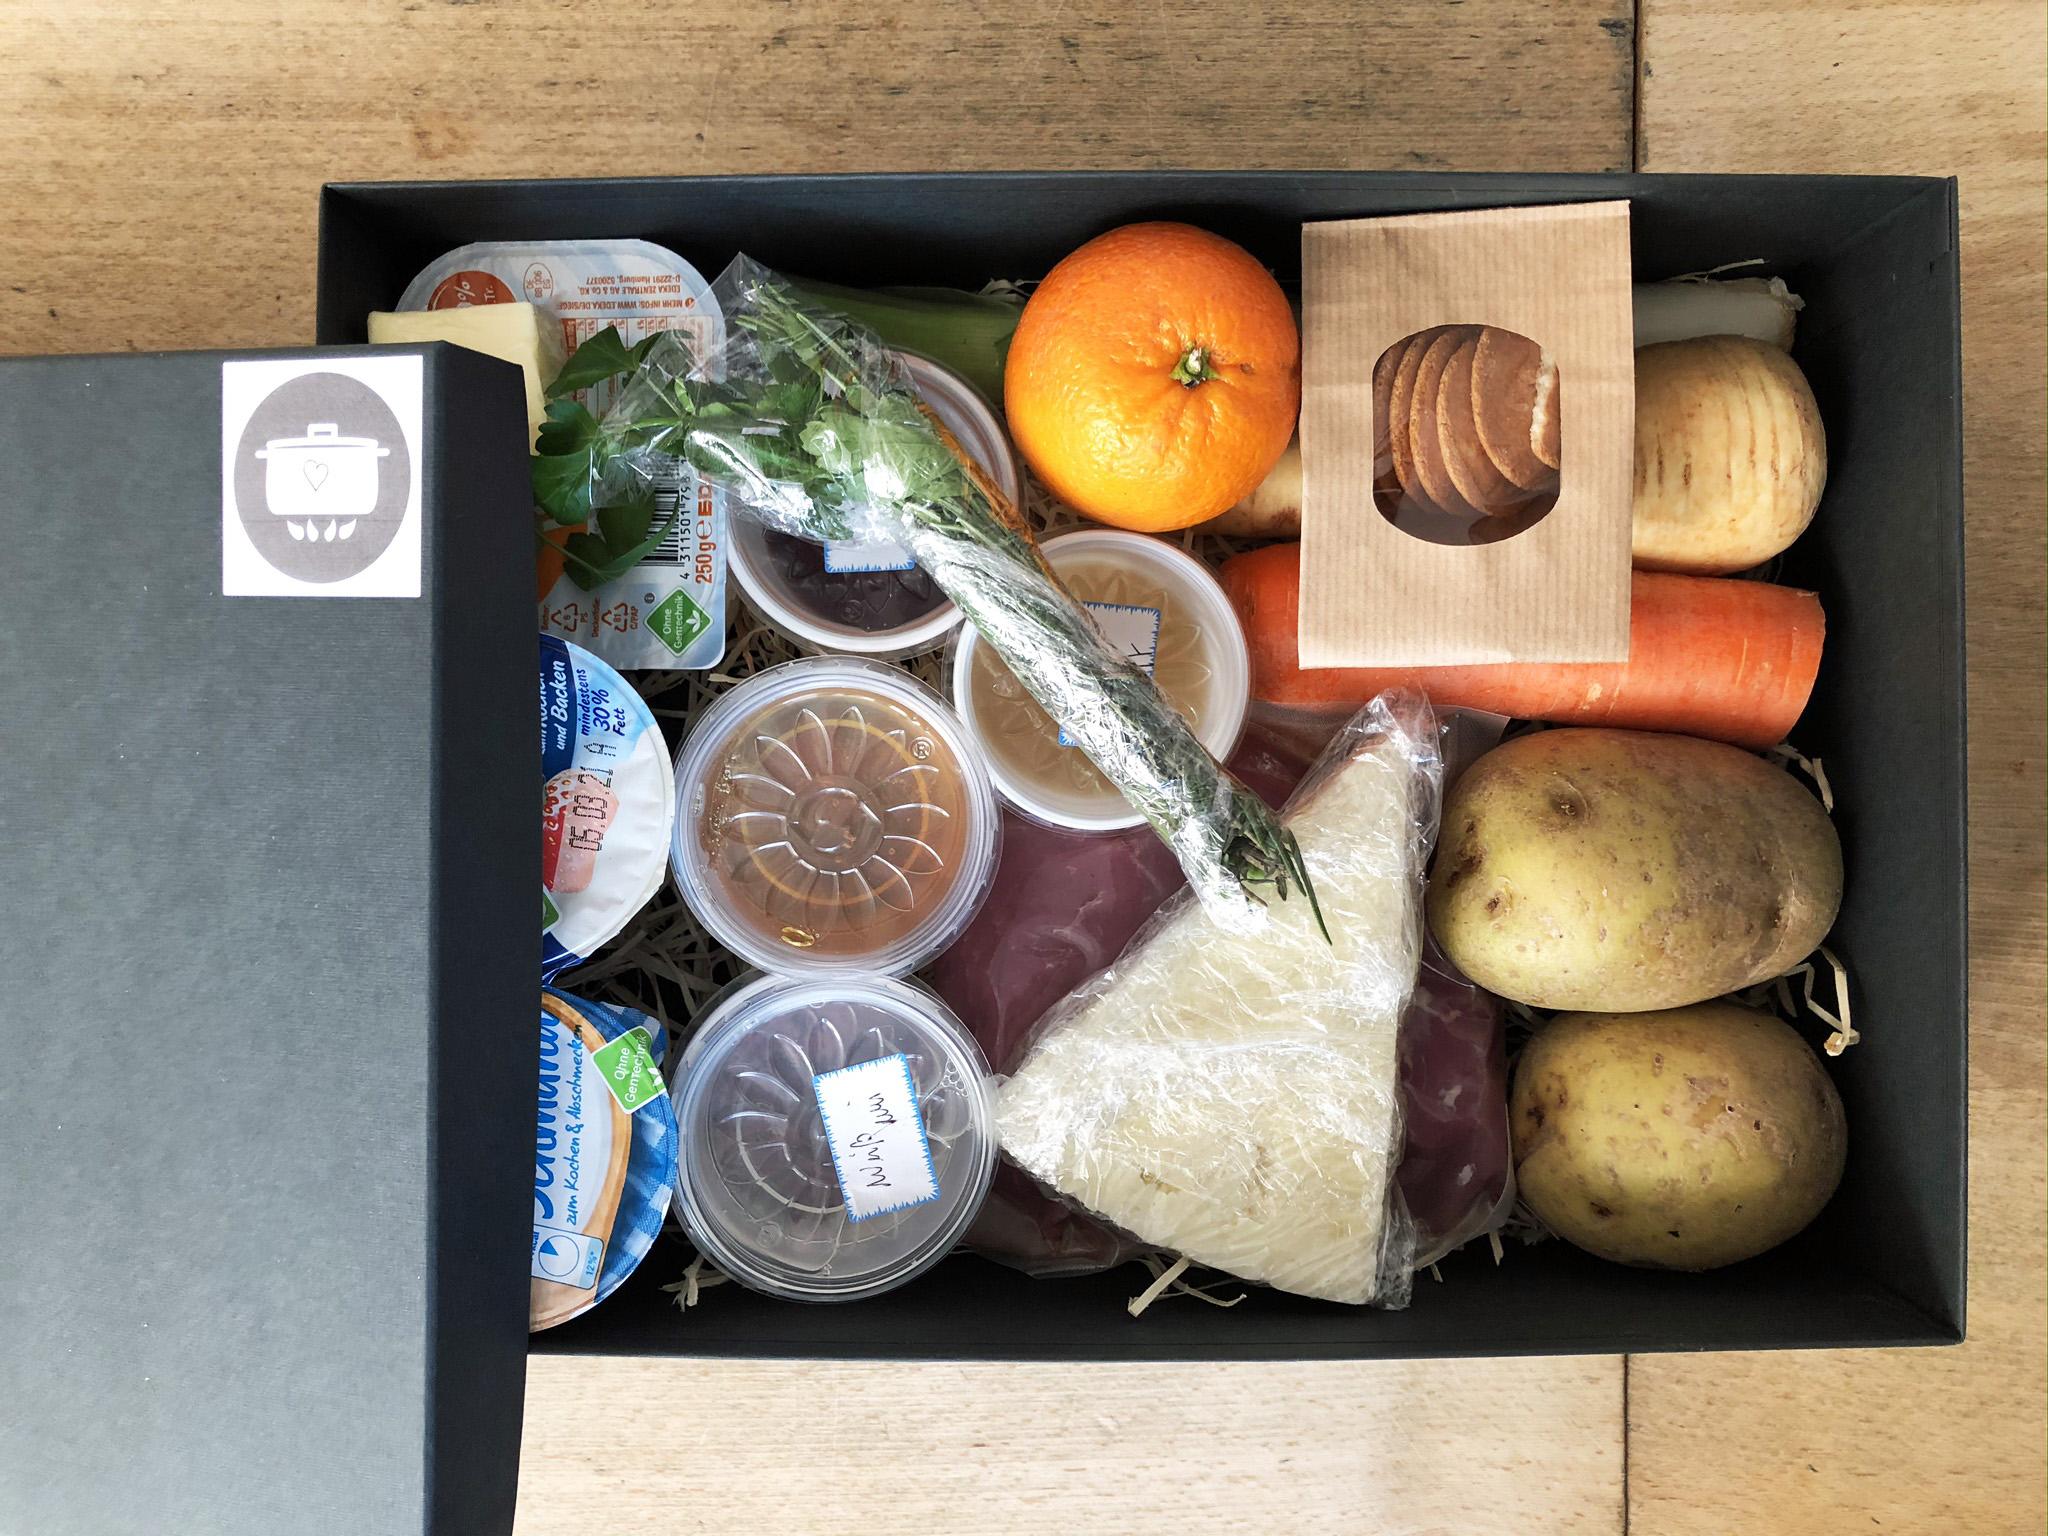 die Kochmo-Box der Kochmomente Kochschule in Bochum